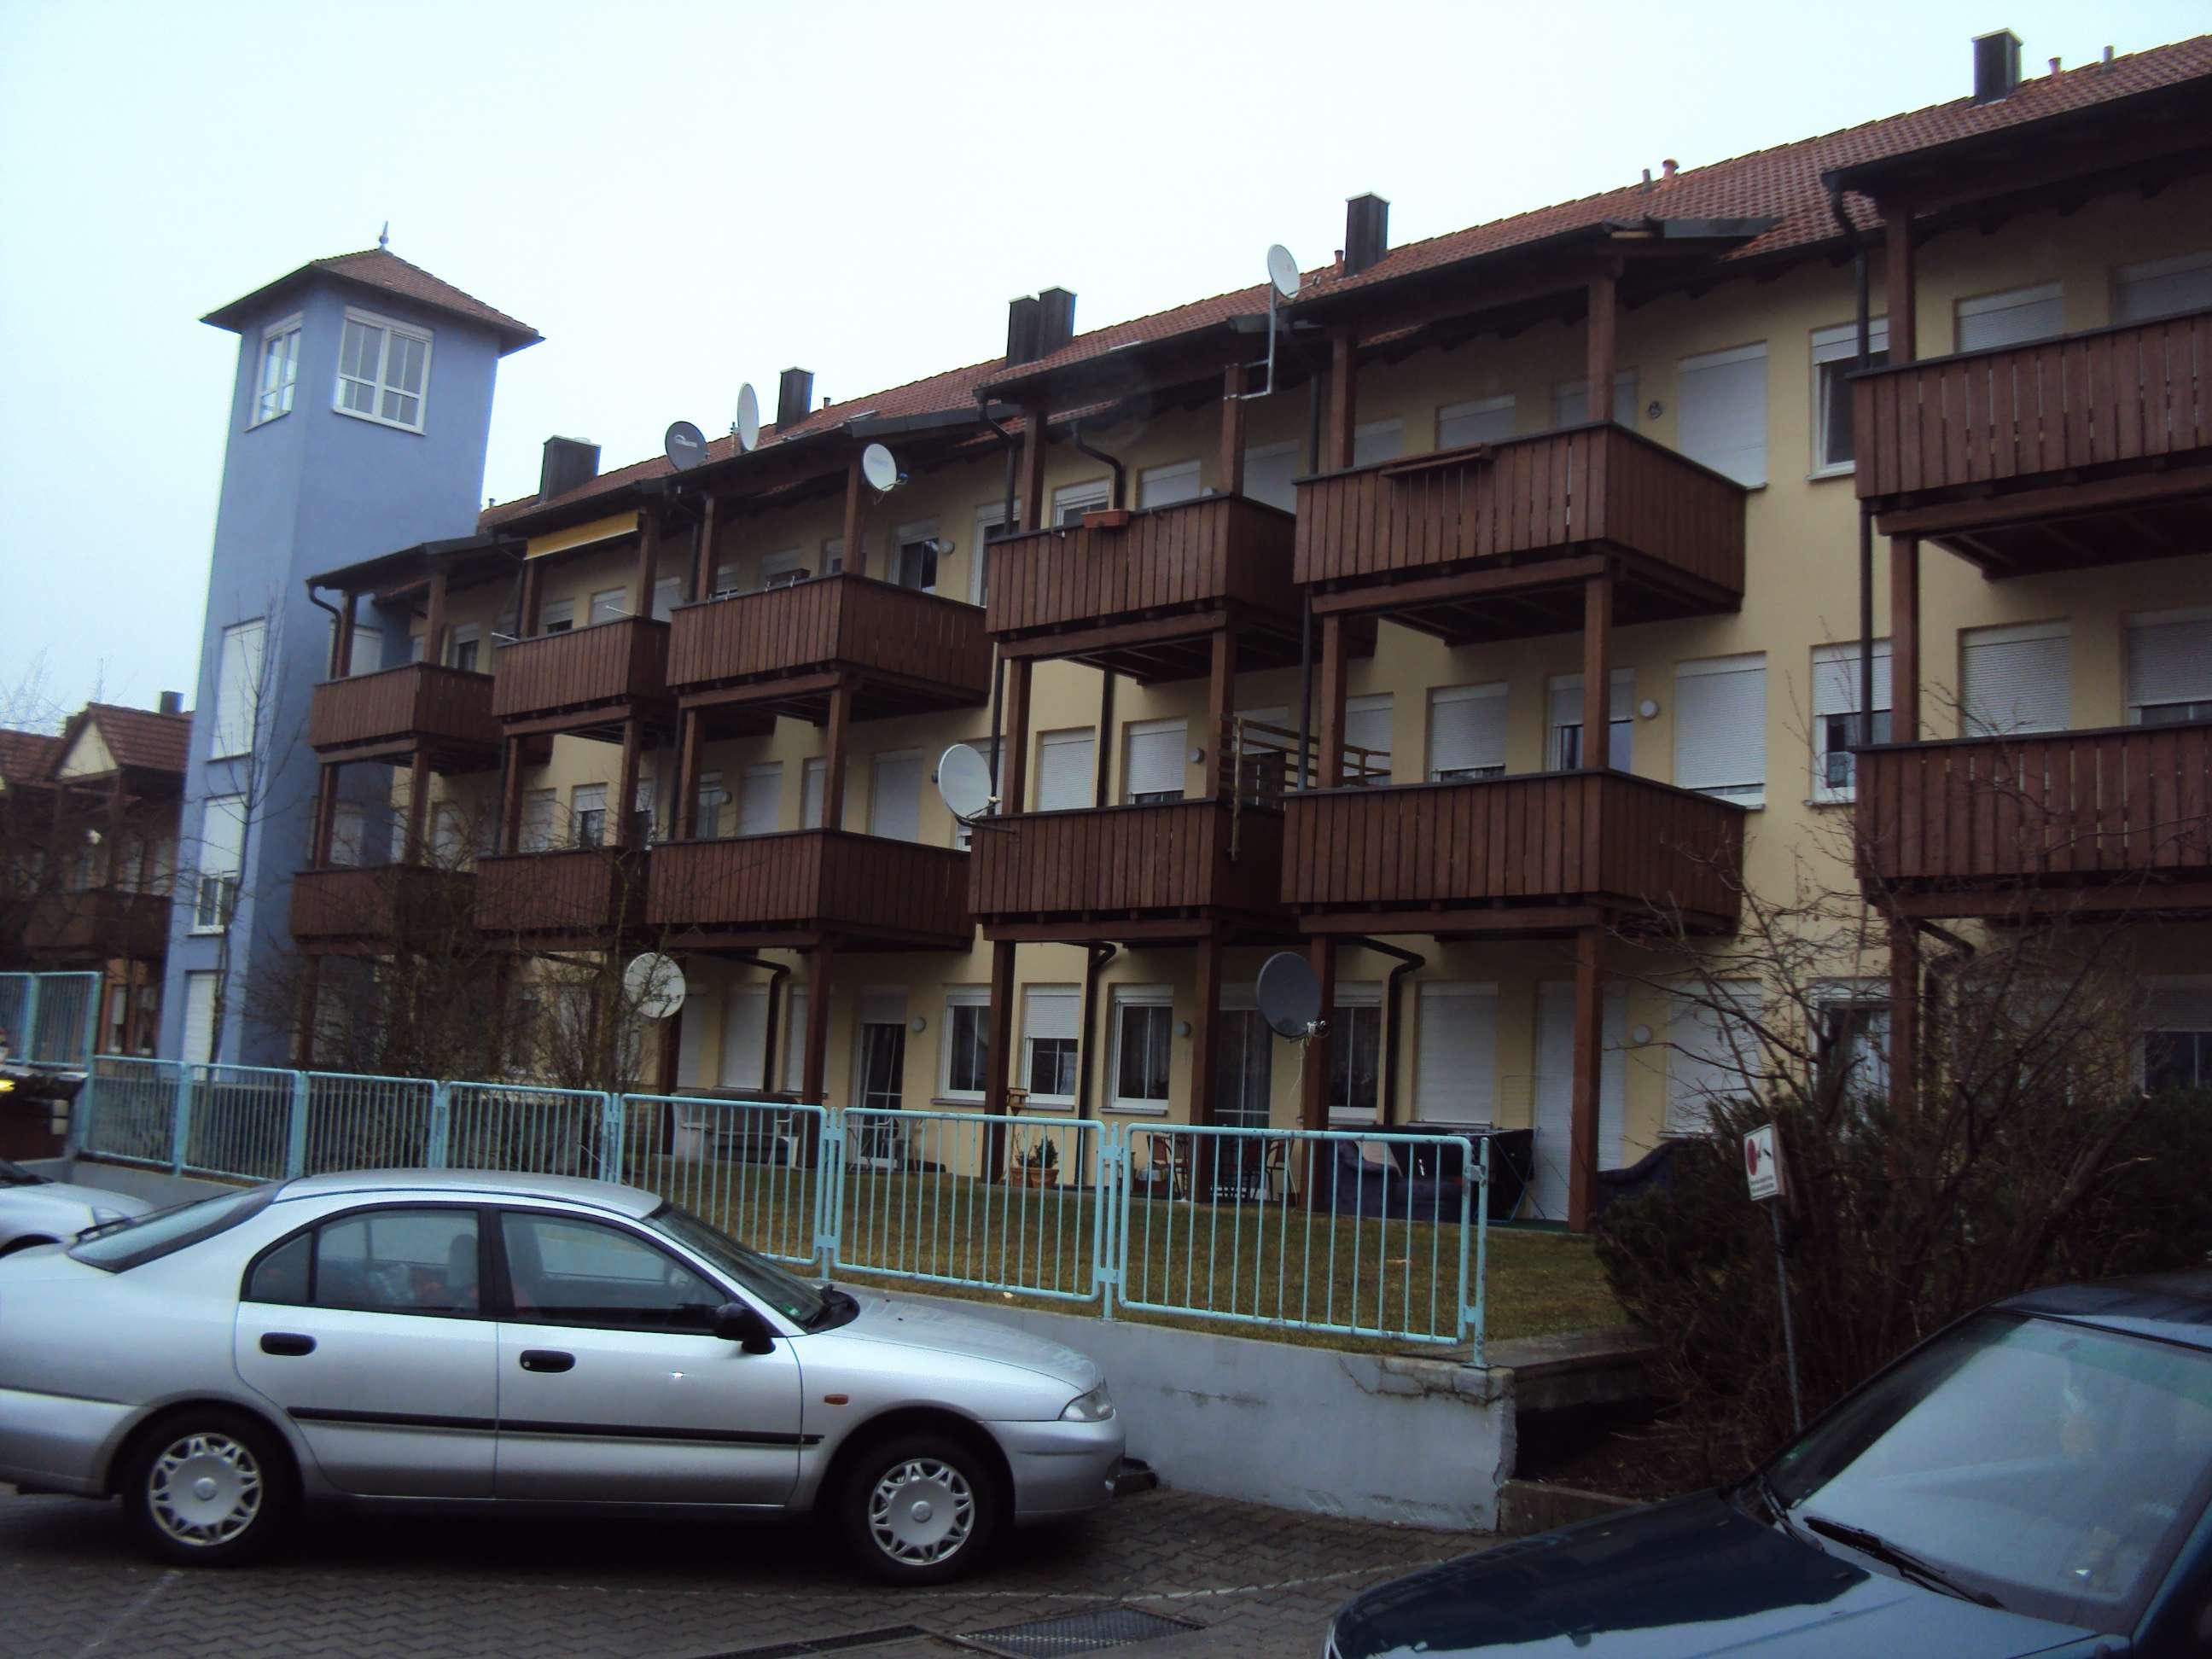 2 Zimmer Wohnung mit Tiefgaragenstellplatz, Balkon und Kellerraum in Burgau in